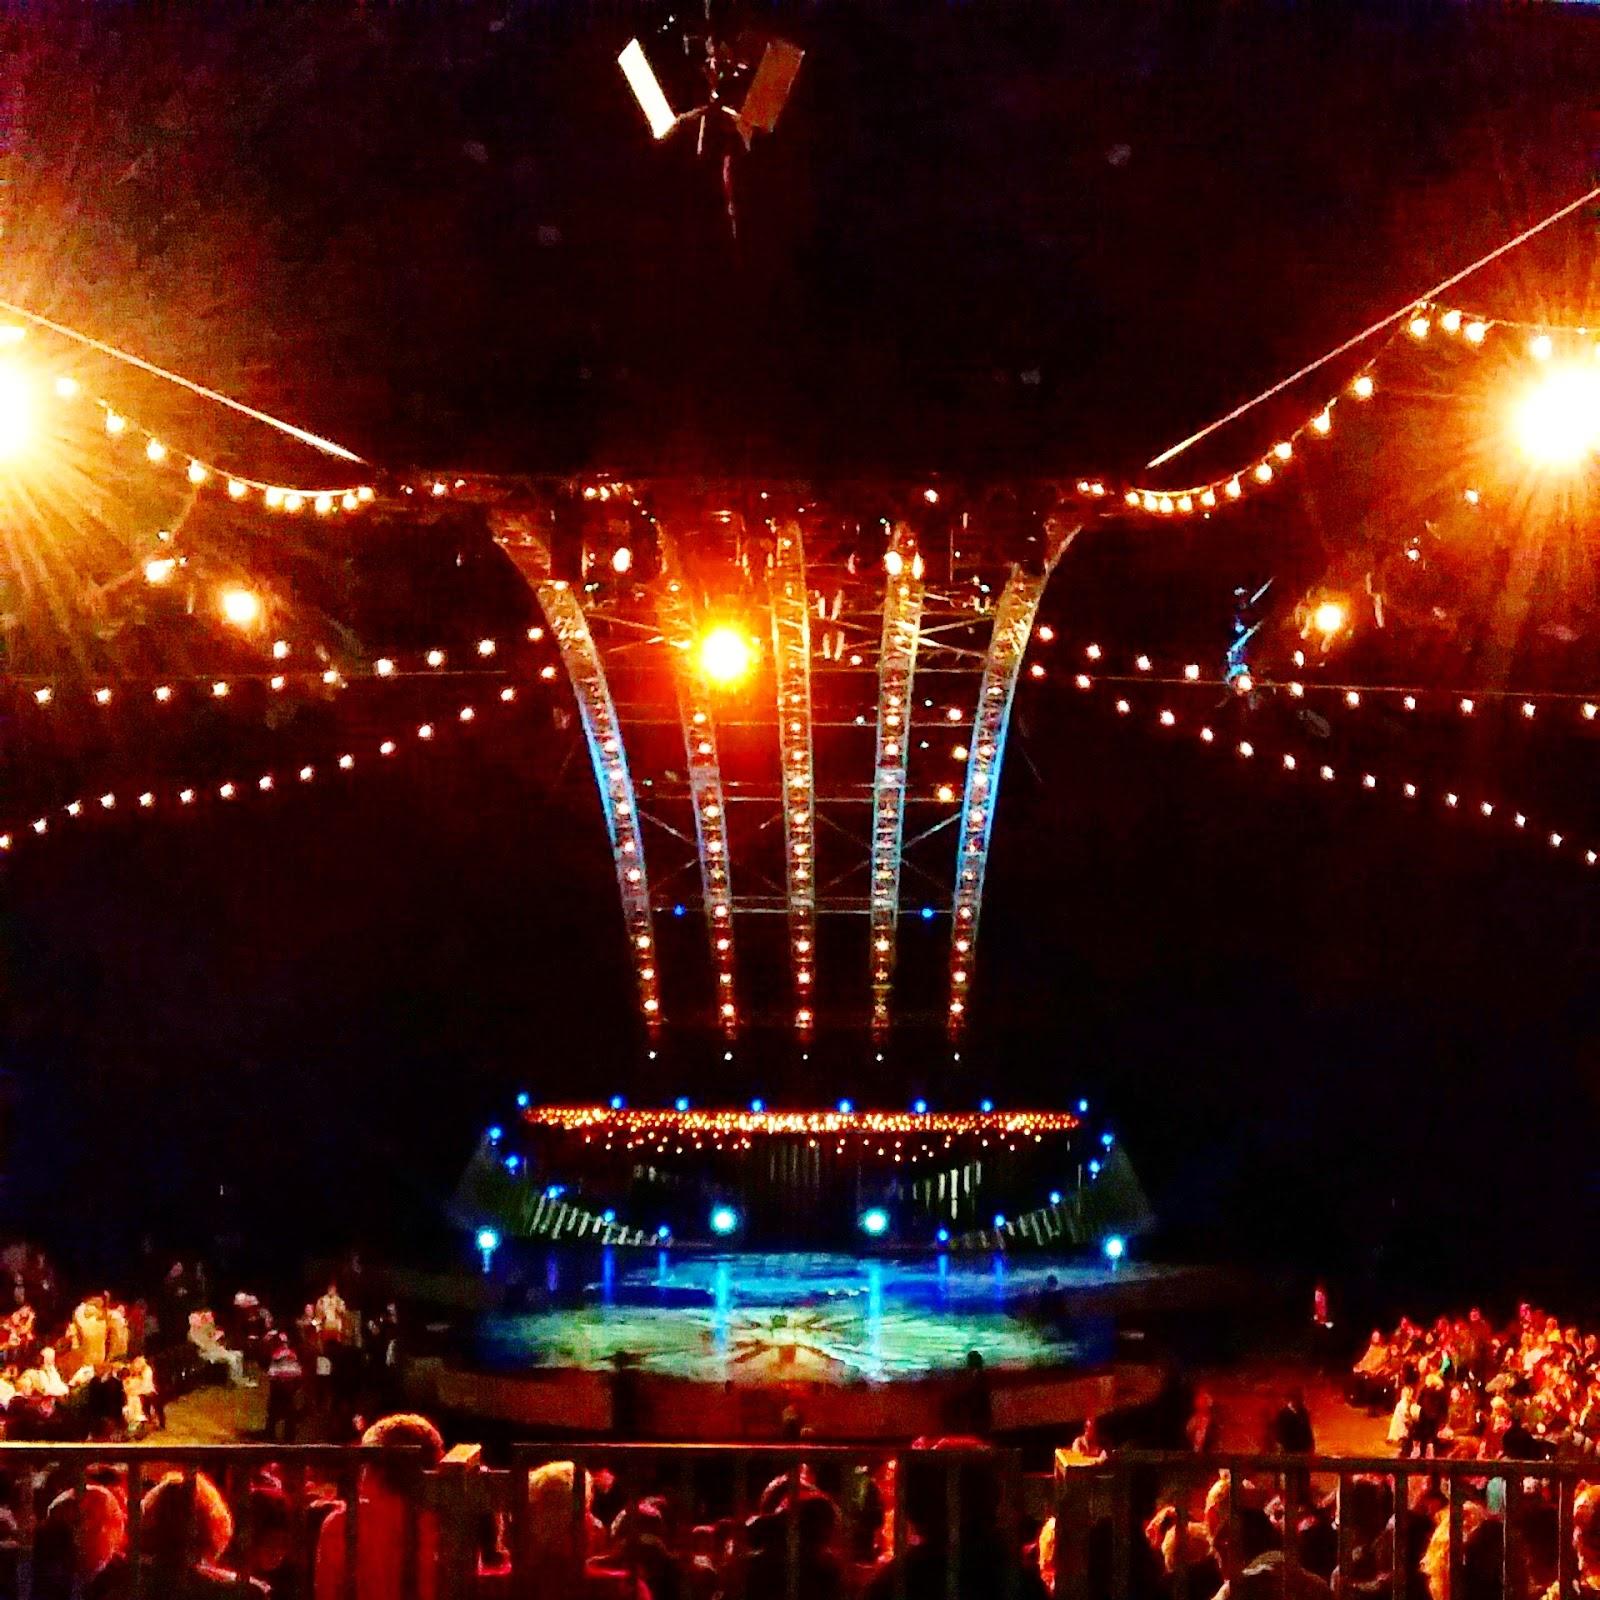 cirque du soleil ahoy